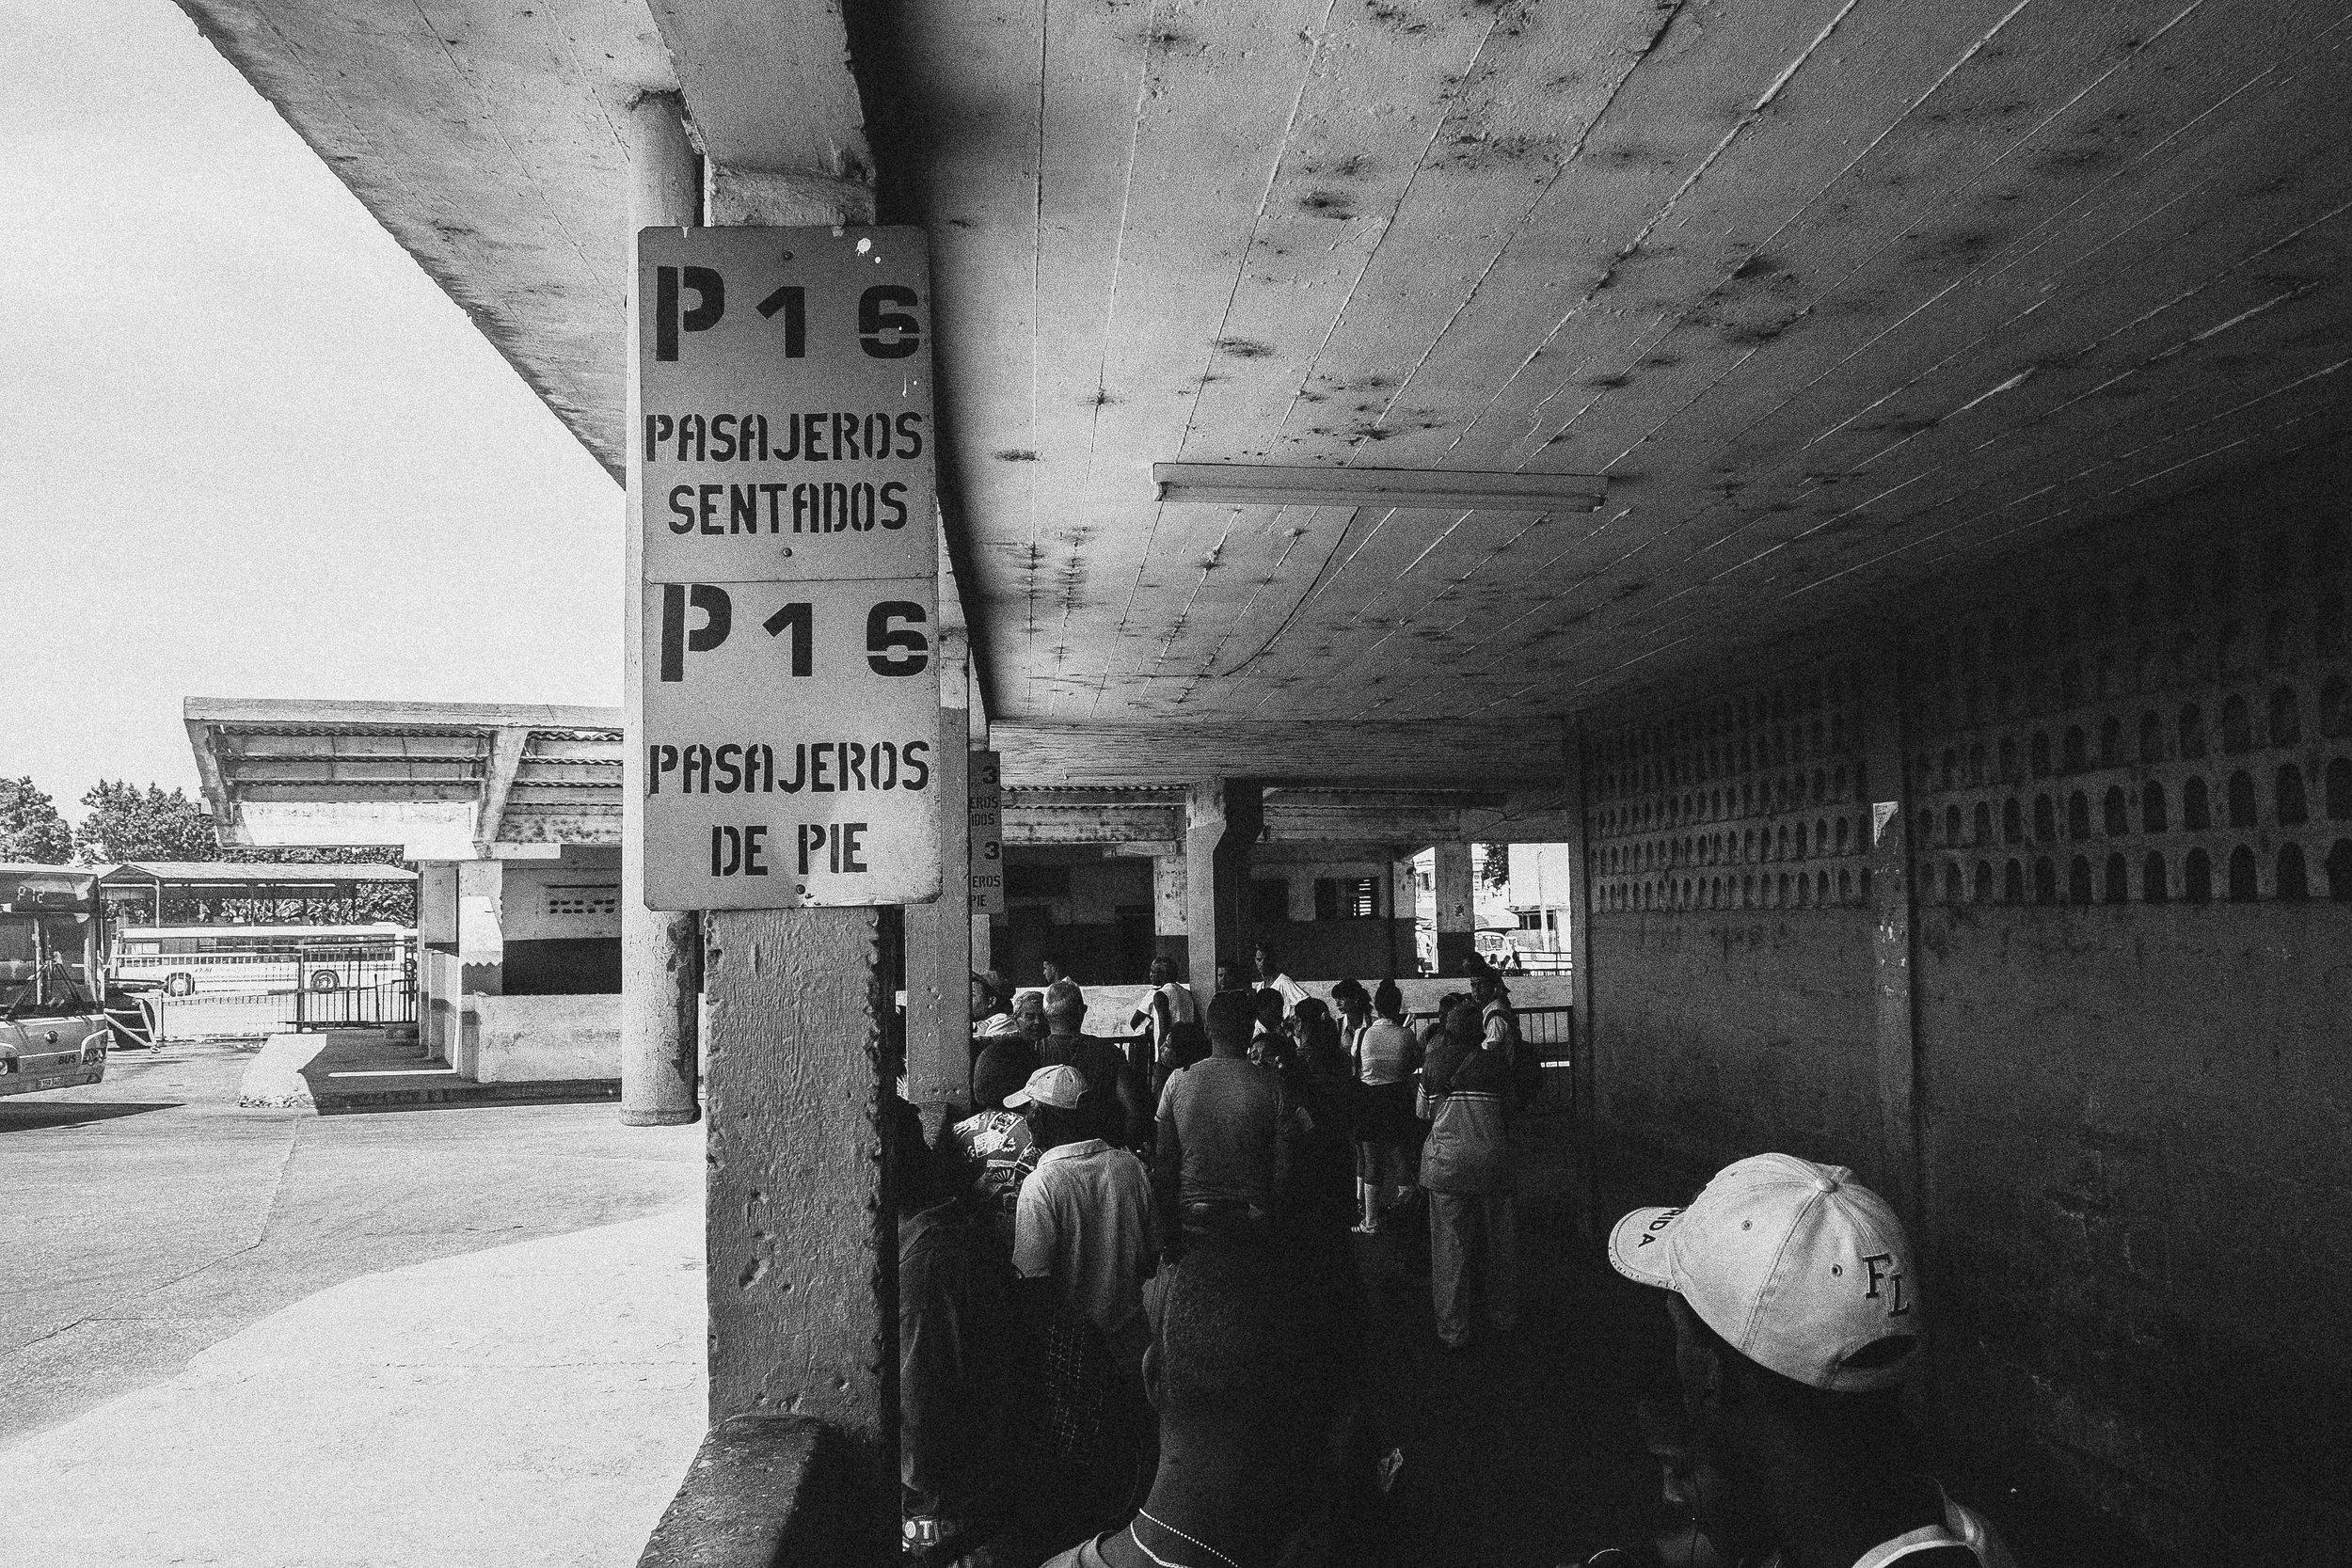 P-Bus de Cuba by Jorge Güiro 49.jpg